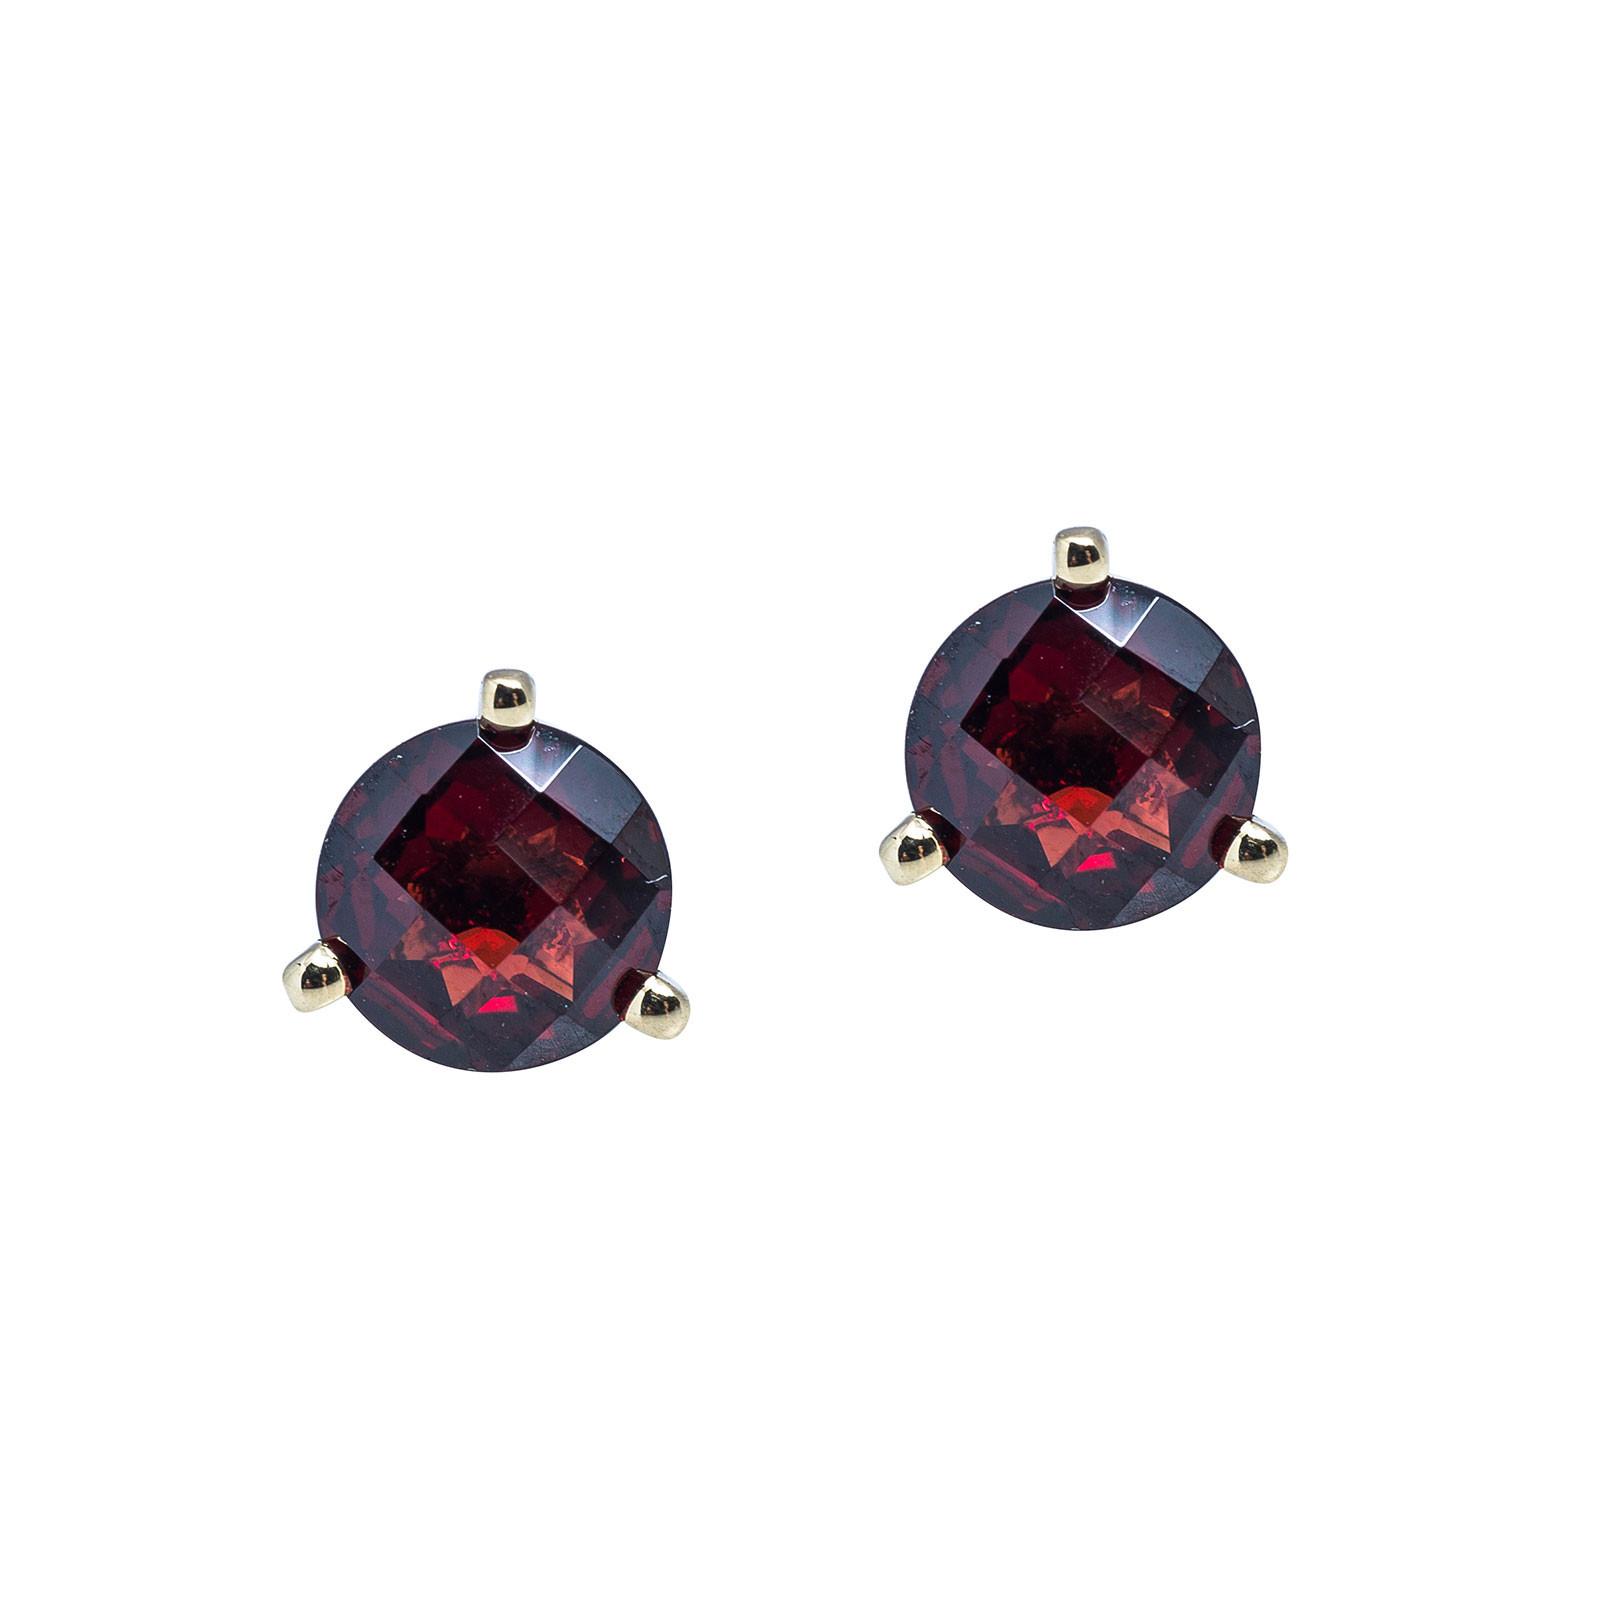 New 1.96 CTW Garnet Stud Earrings